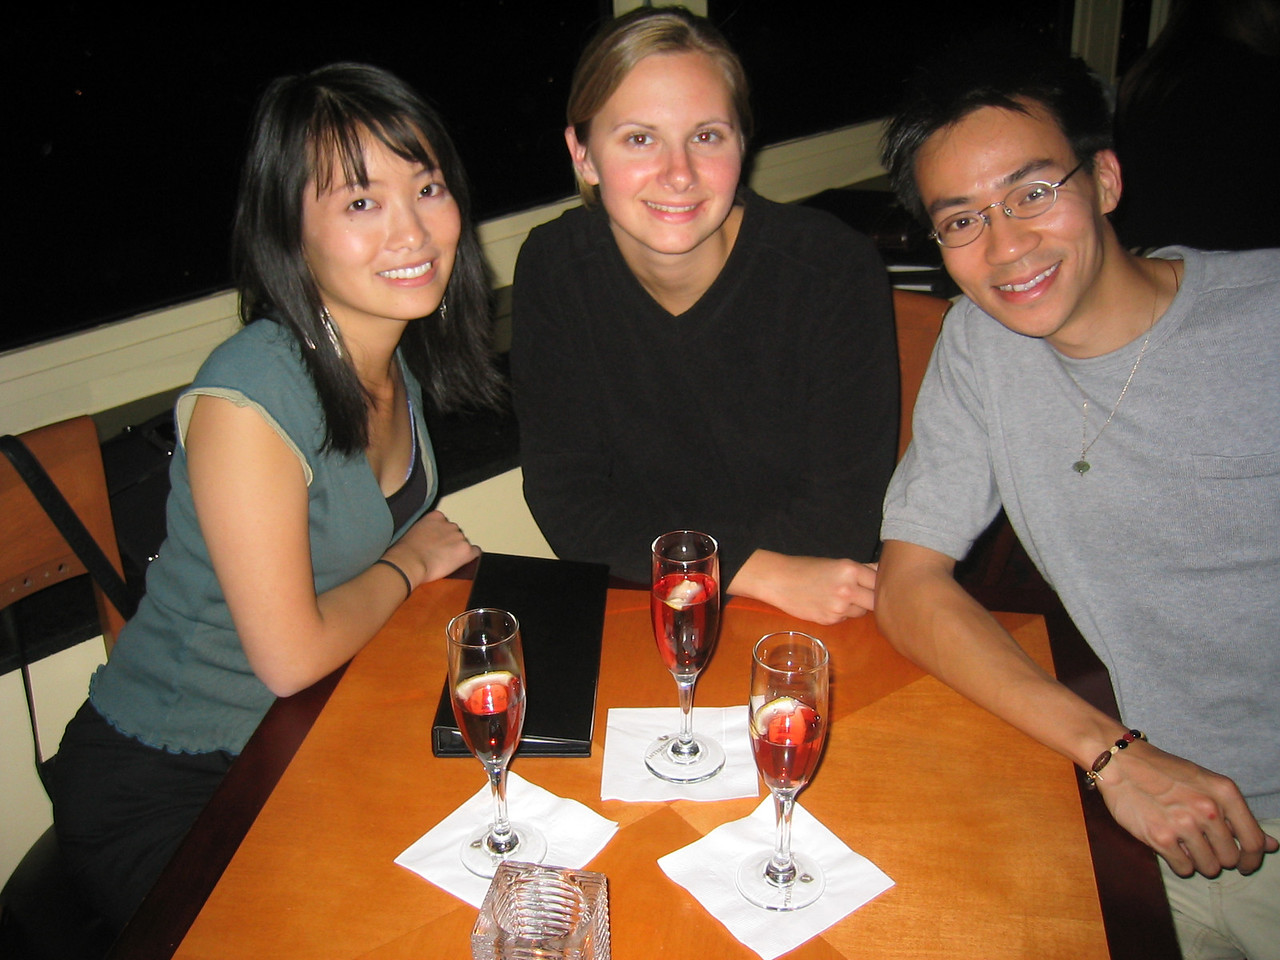 2004 06 11 Friday - Top of The Mark - Estee, Melody, & Ben